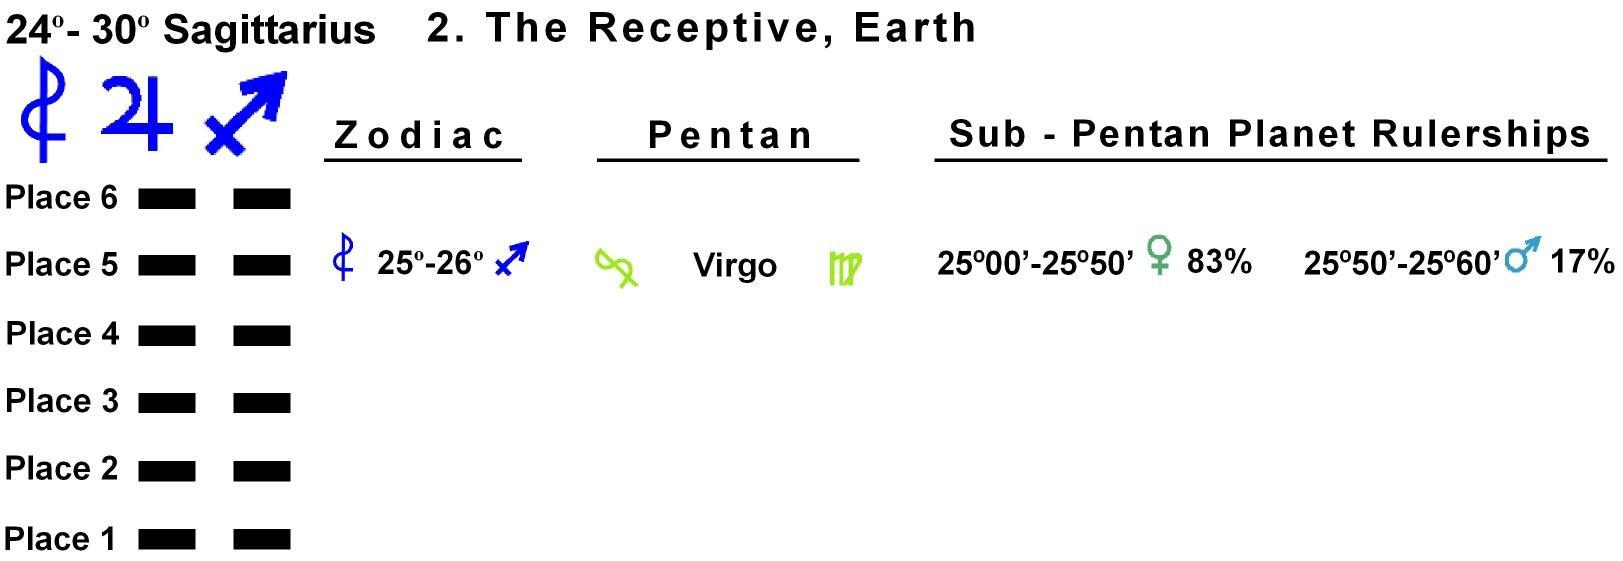 Pent-lines-09SA 25-26 Hx-2 The Receptive